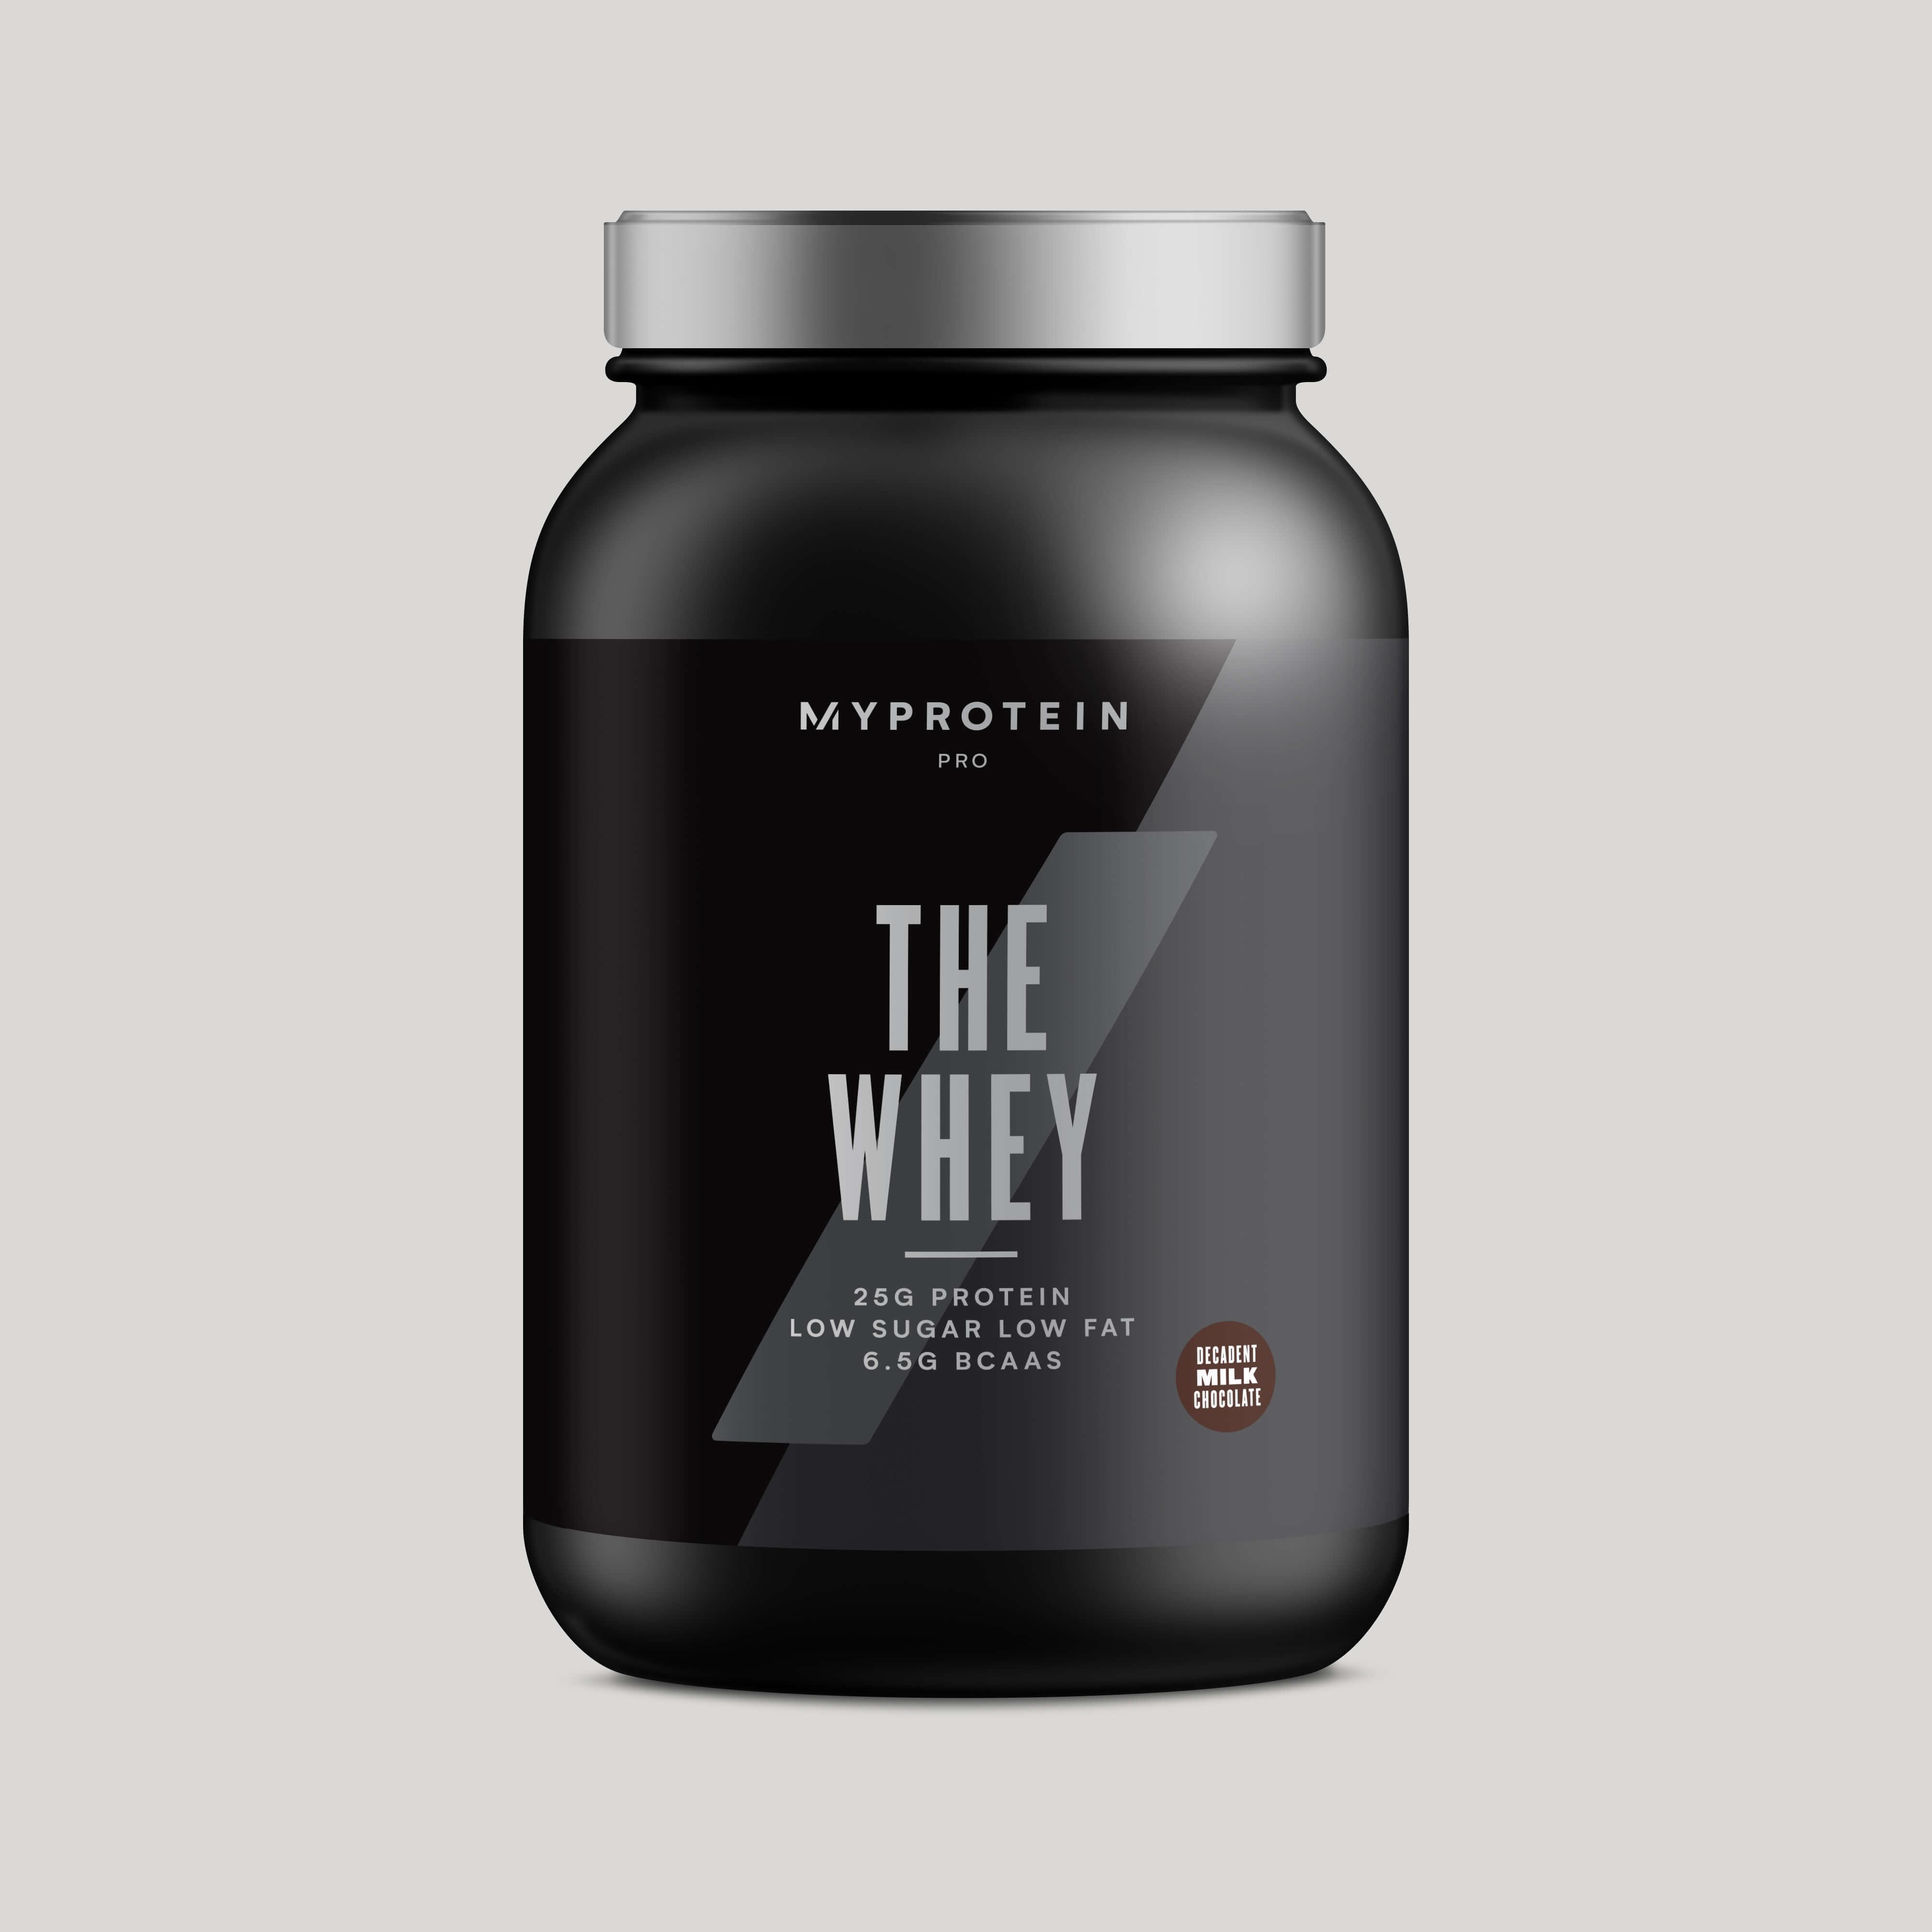 최고의 맛 웨이 프로틴